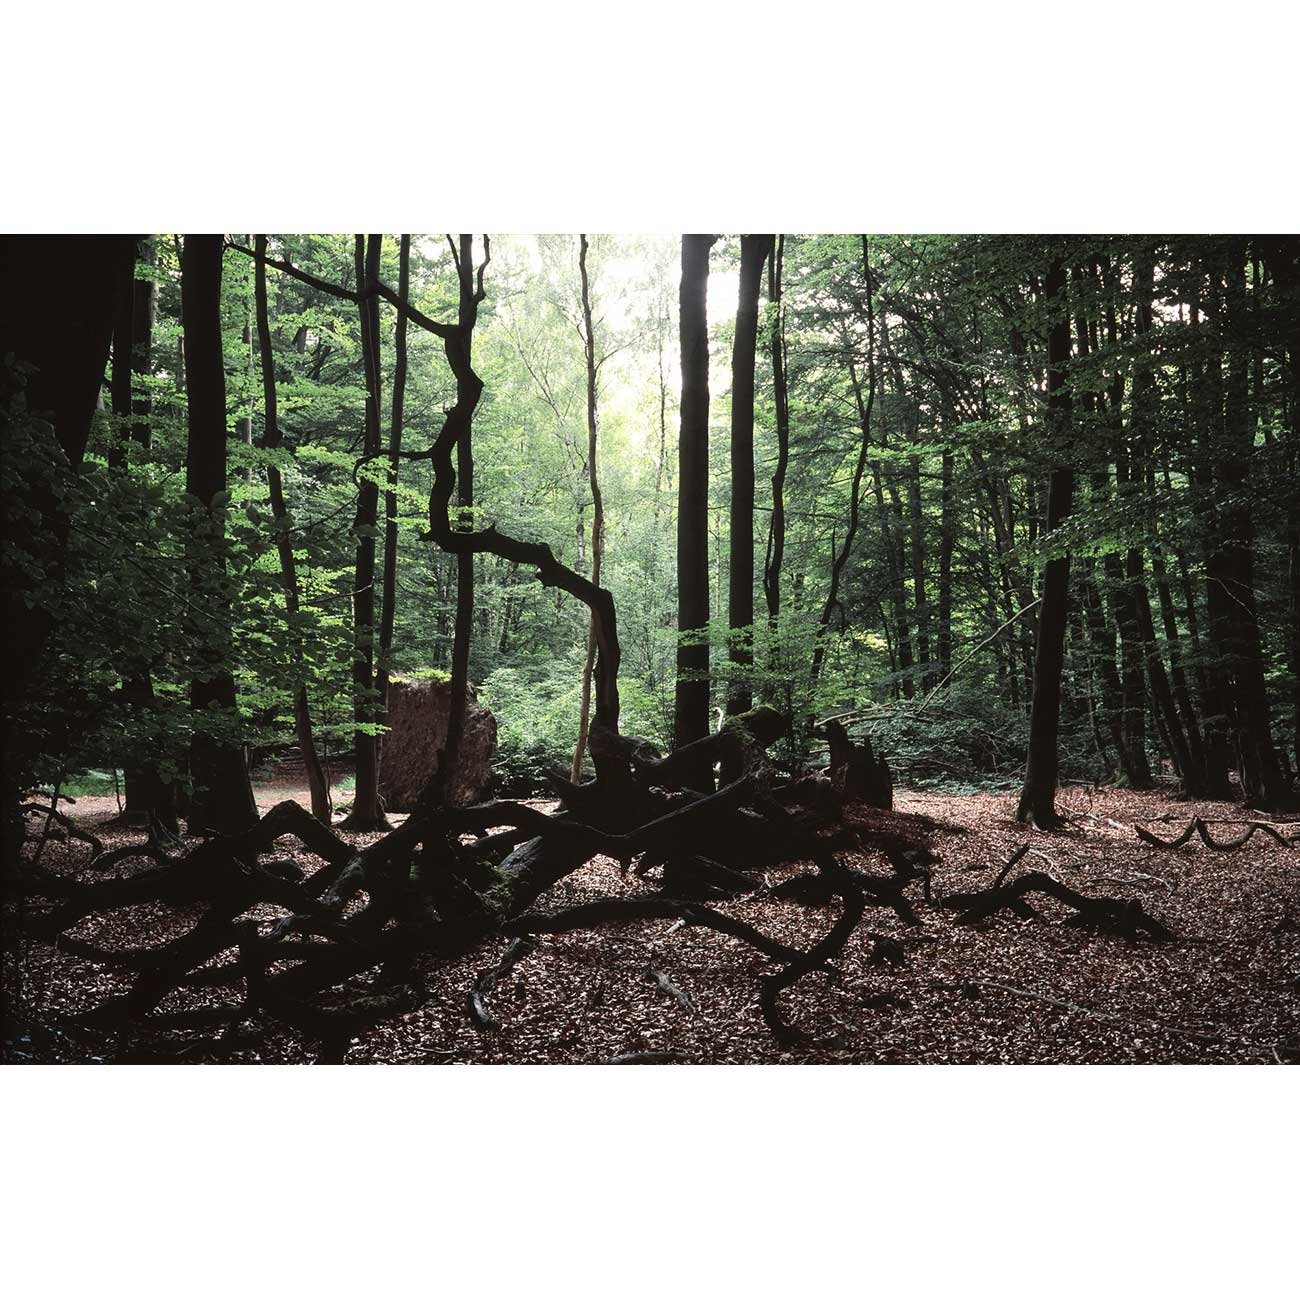 Mini-76-Sabawald-Sebastien-Fantini-photographie-d'art-contemporain